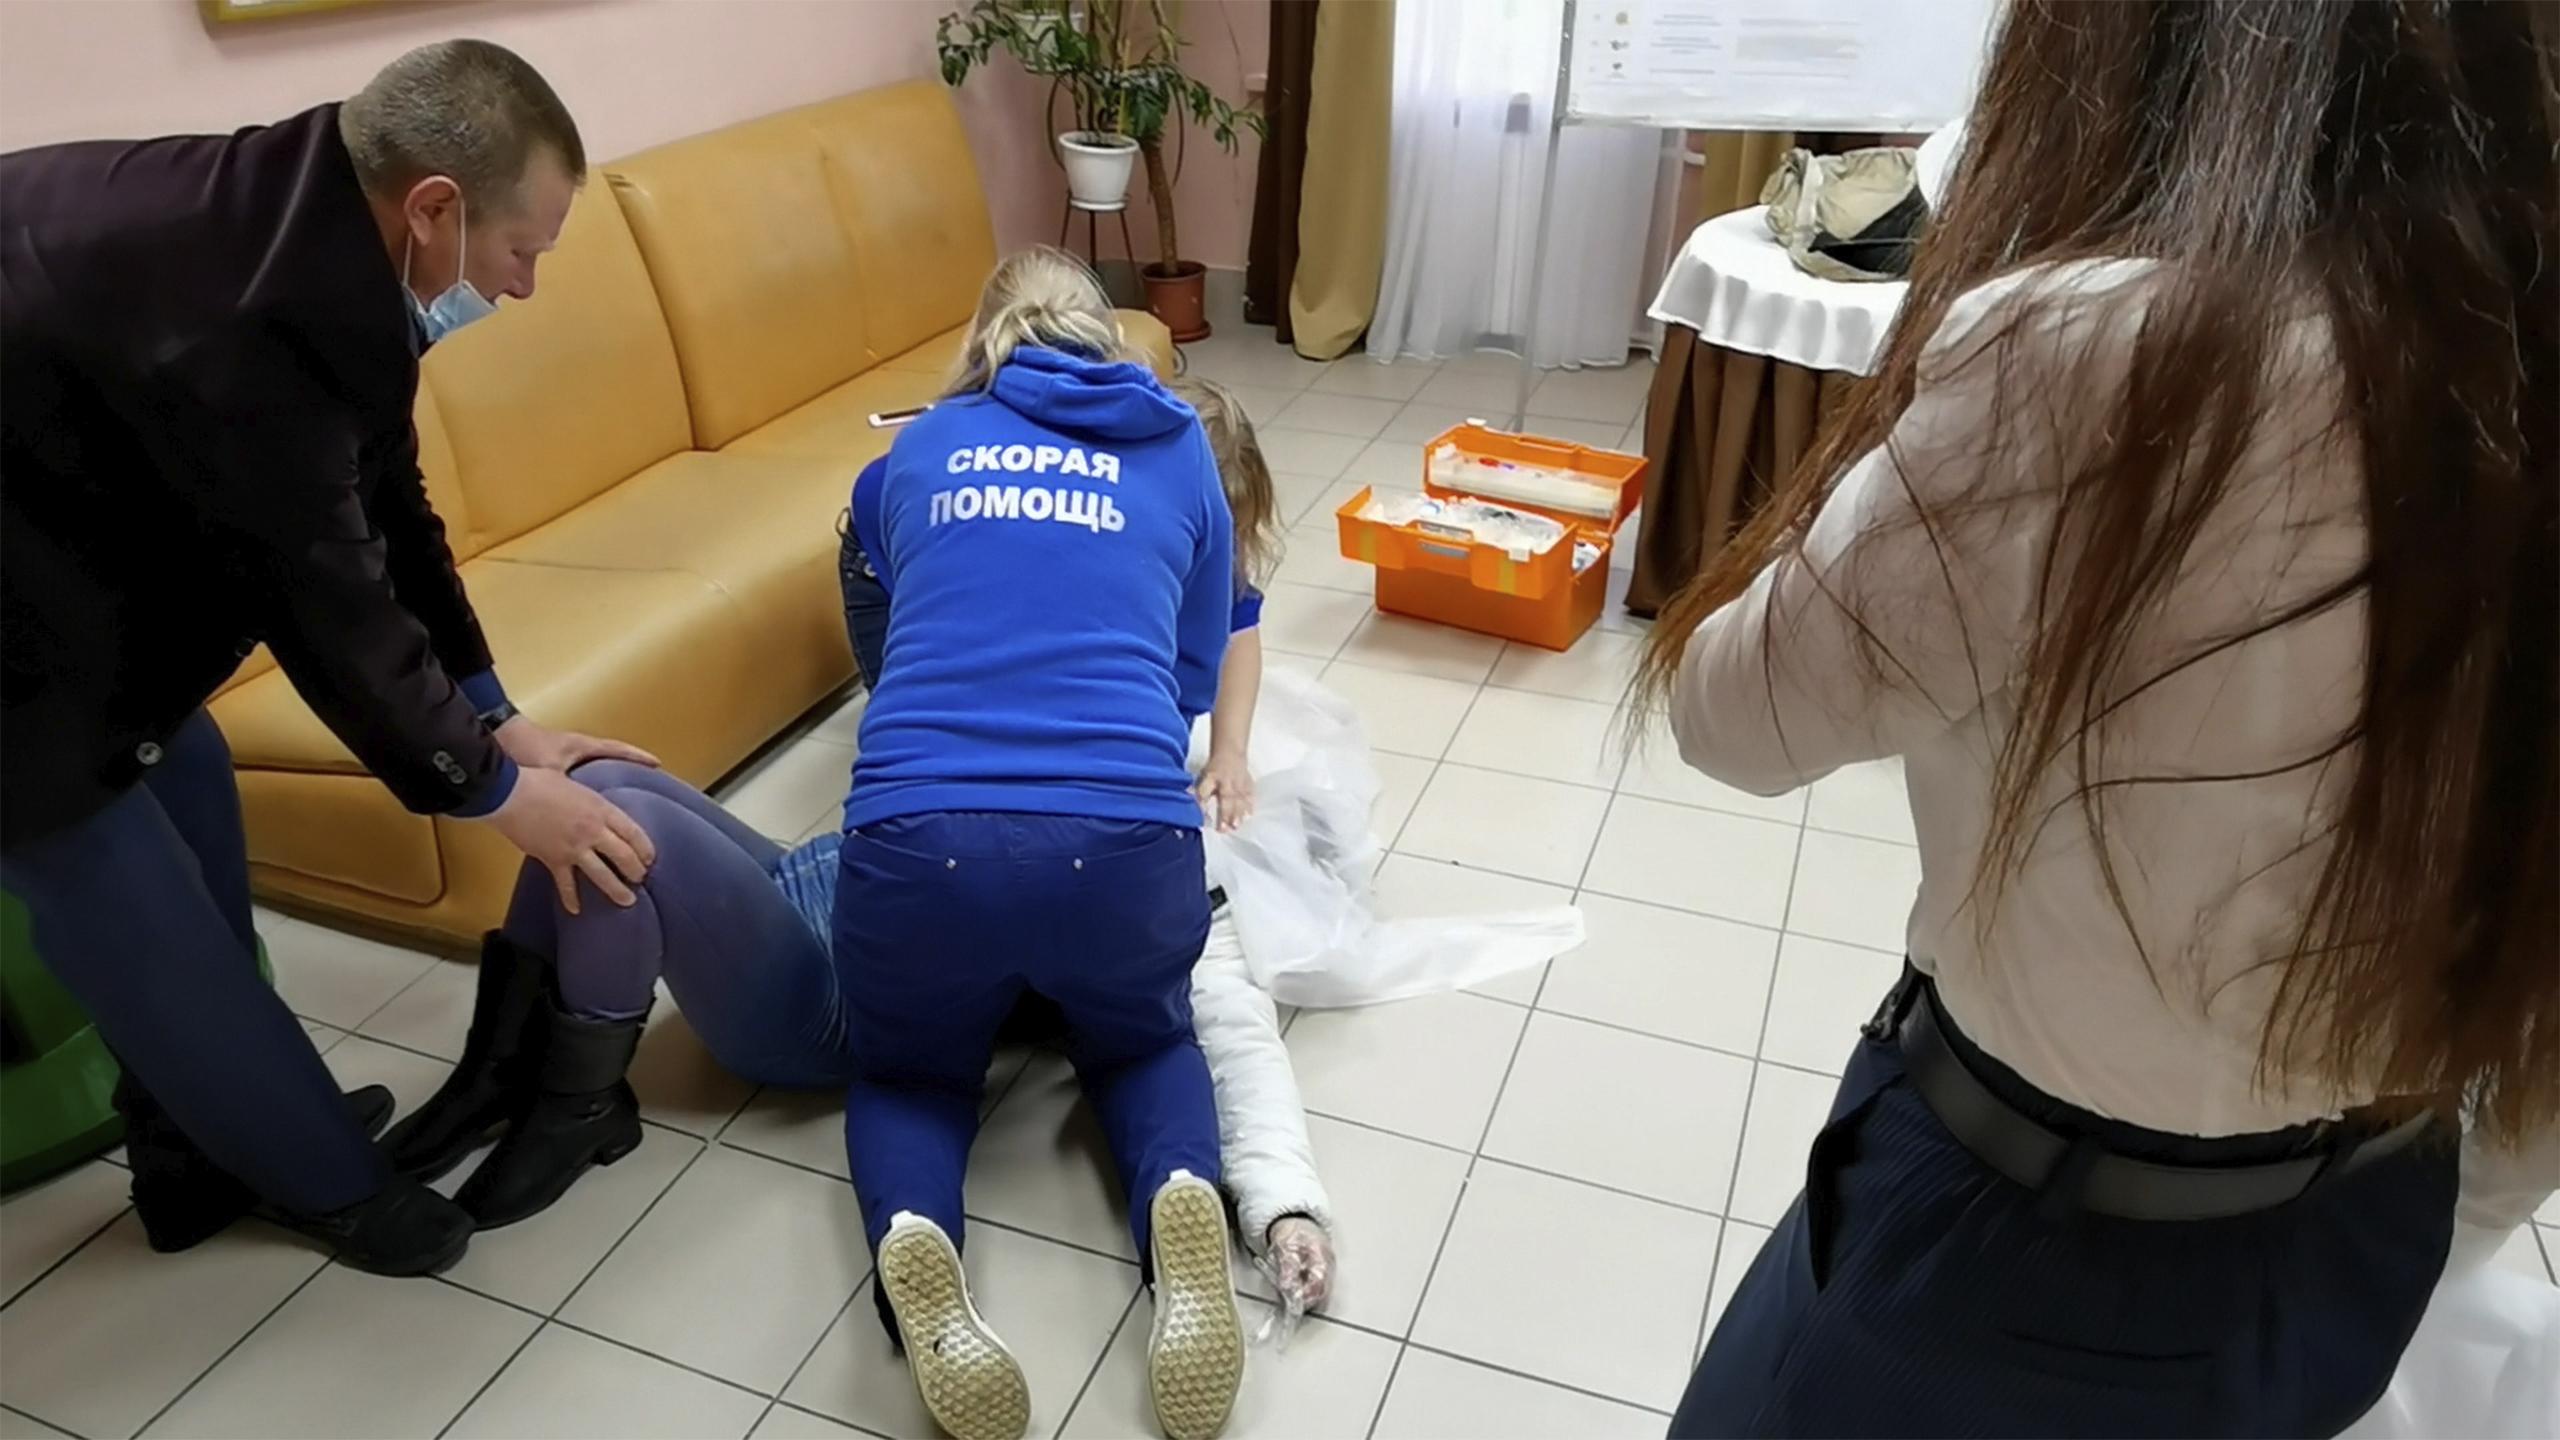 У женщины остановилось сердце на избирательном участке в Аксарке